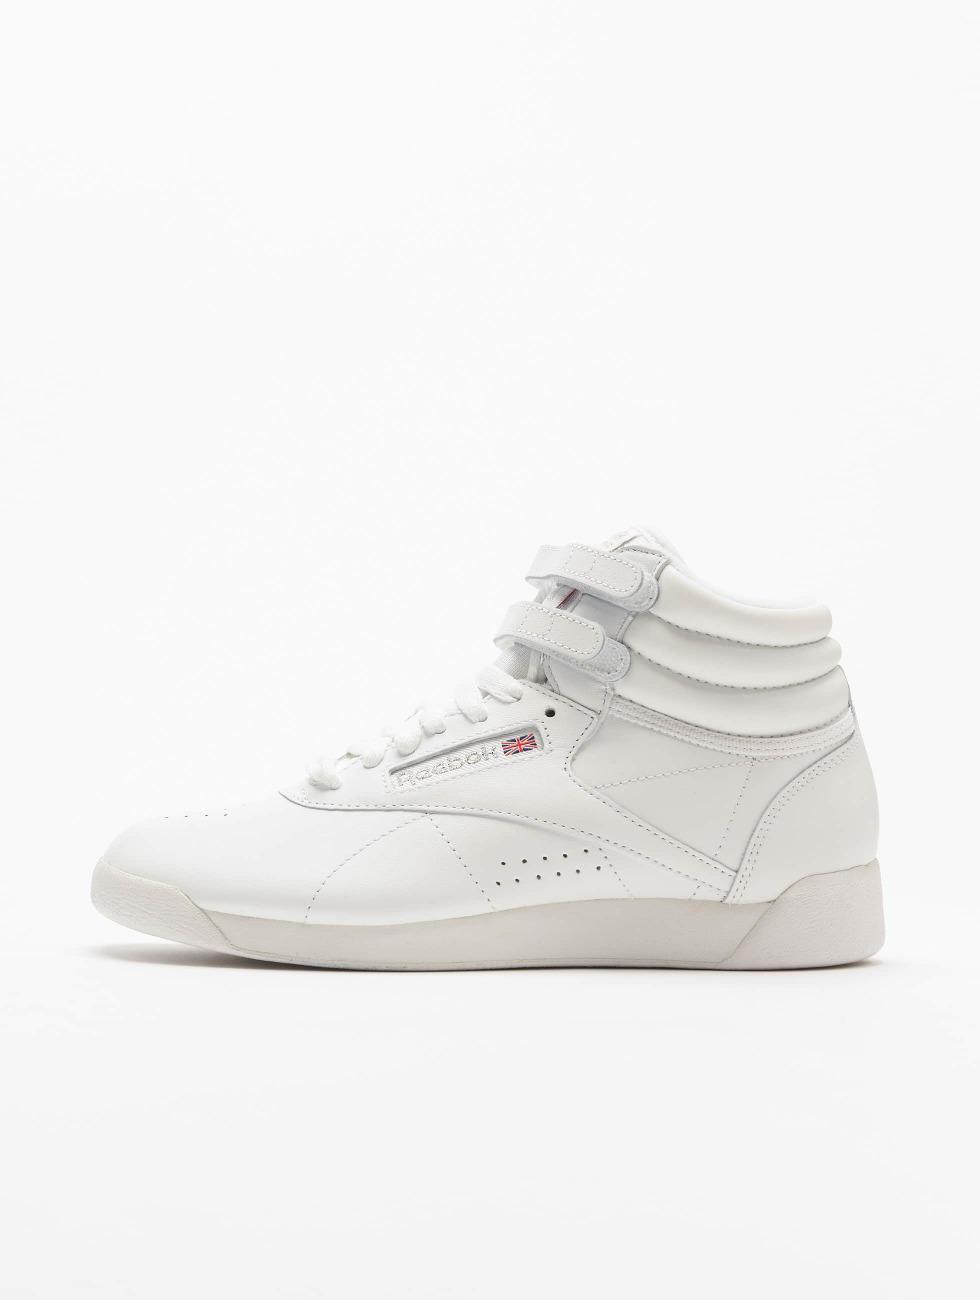 Billig 100% Autentisk Reebok Schoen / Sneaker Freestyle Hi Basketball Sko I Vidd 4617 Utløp Utsikt Dwwl81